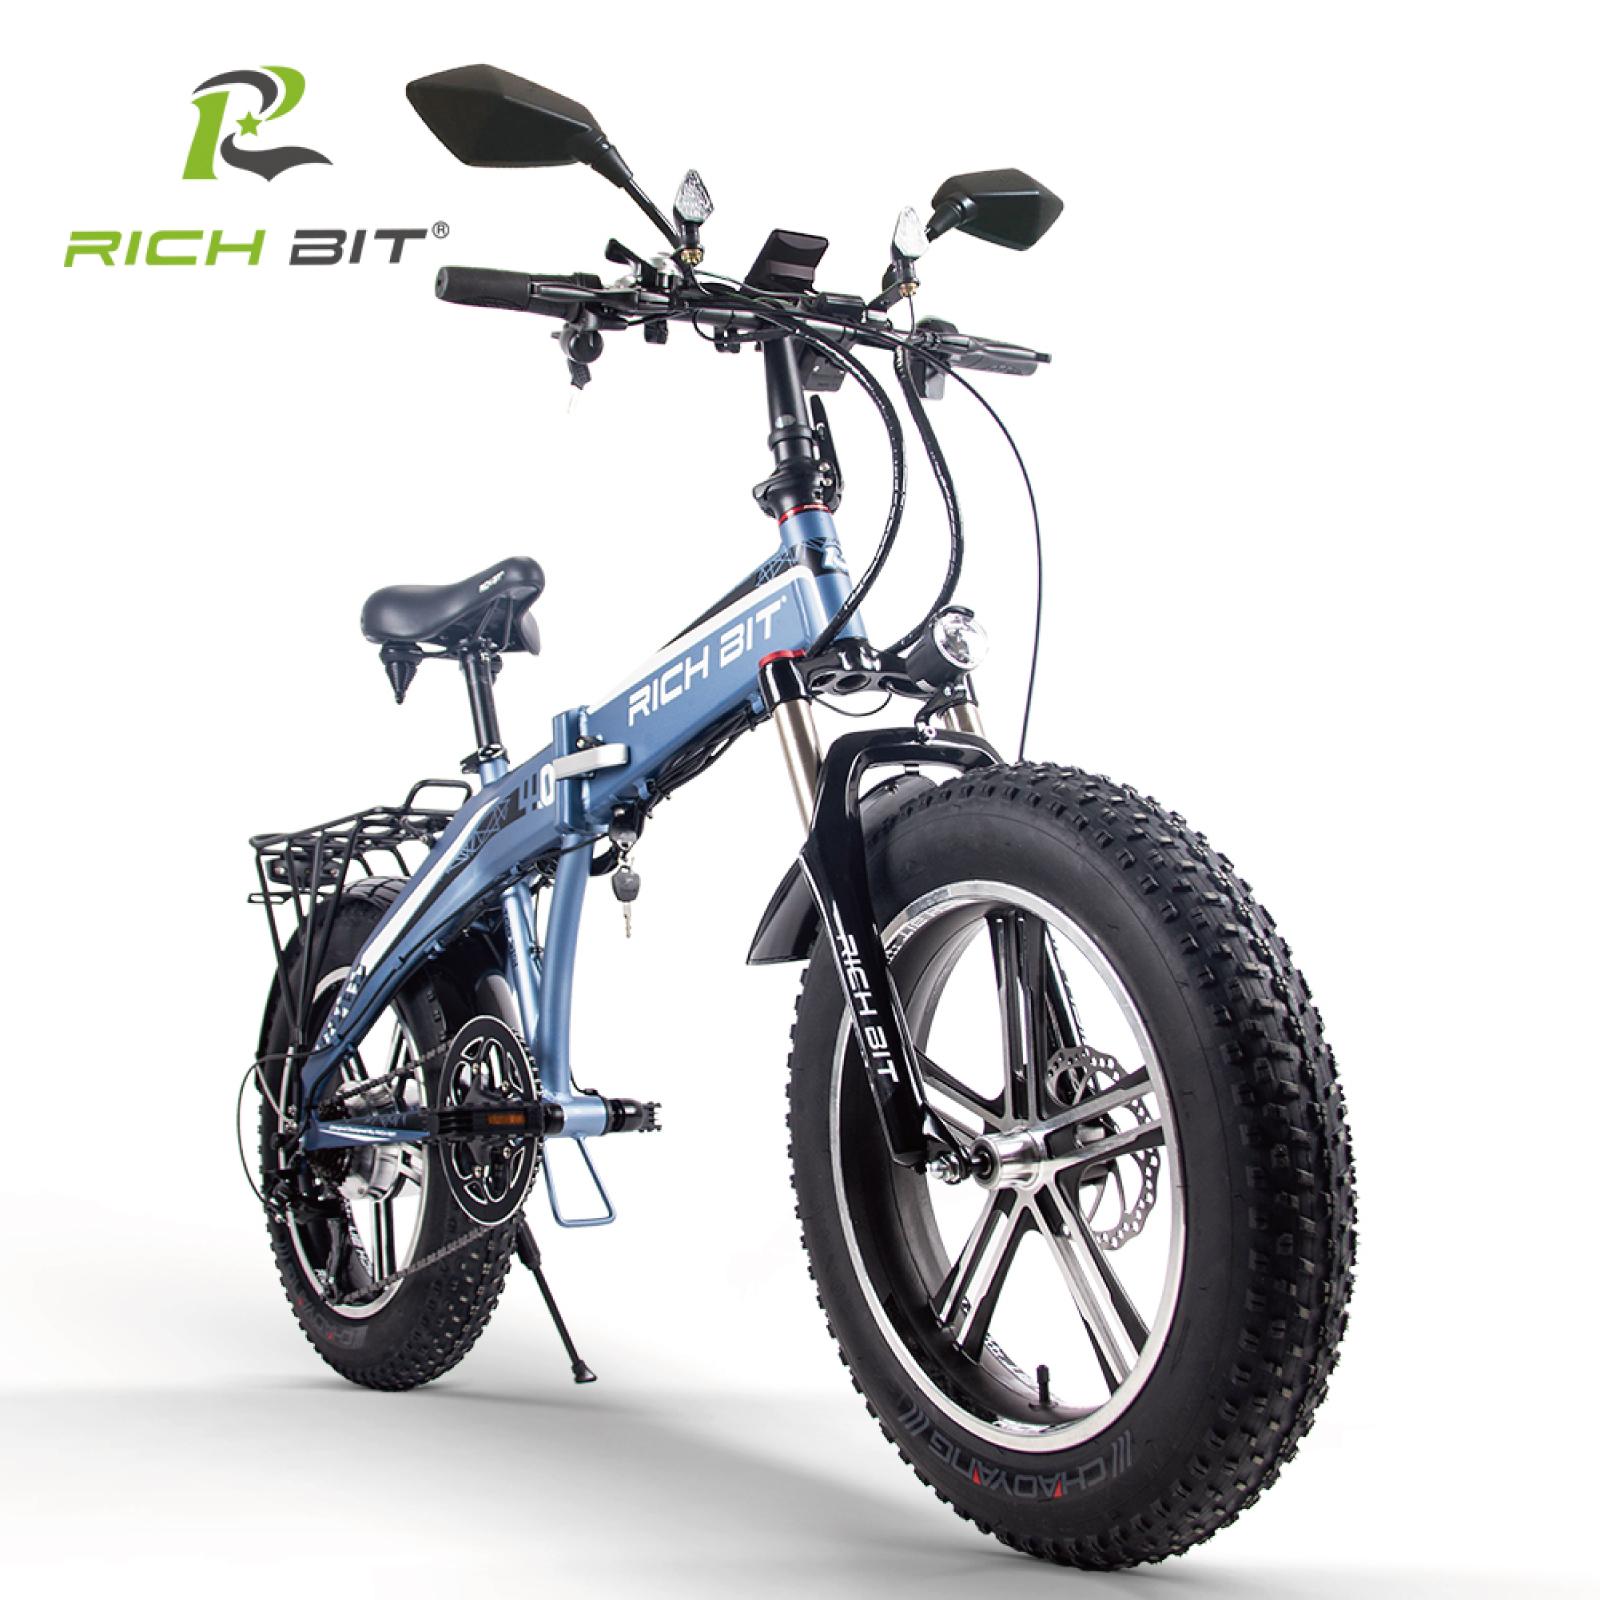 次世代Smart EV TOP016 電動ハイブリッドファットバイク「サンドバイク-PLUS」4色